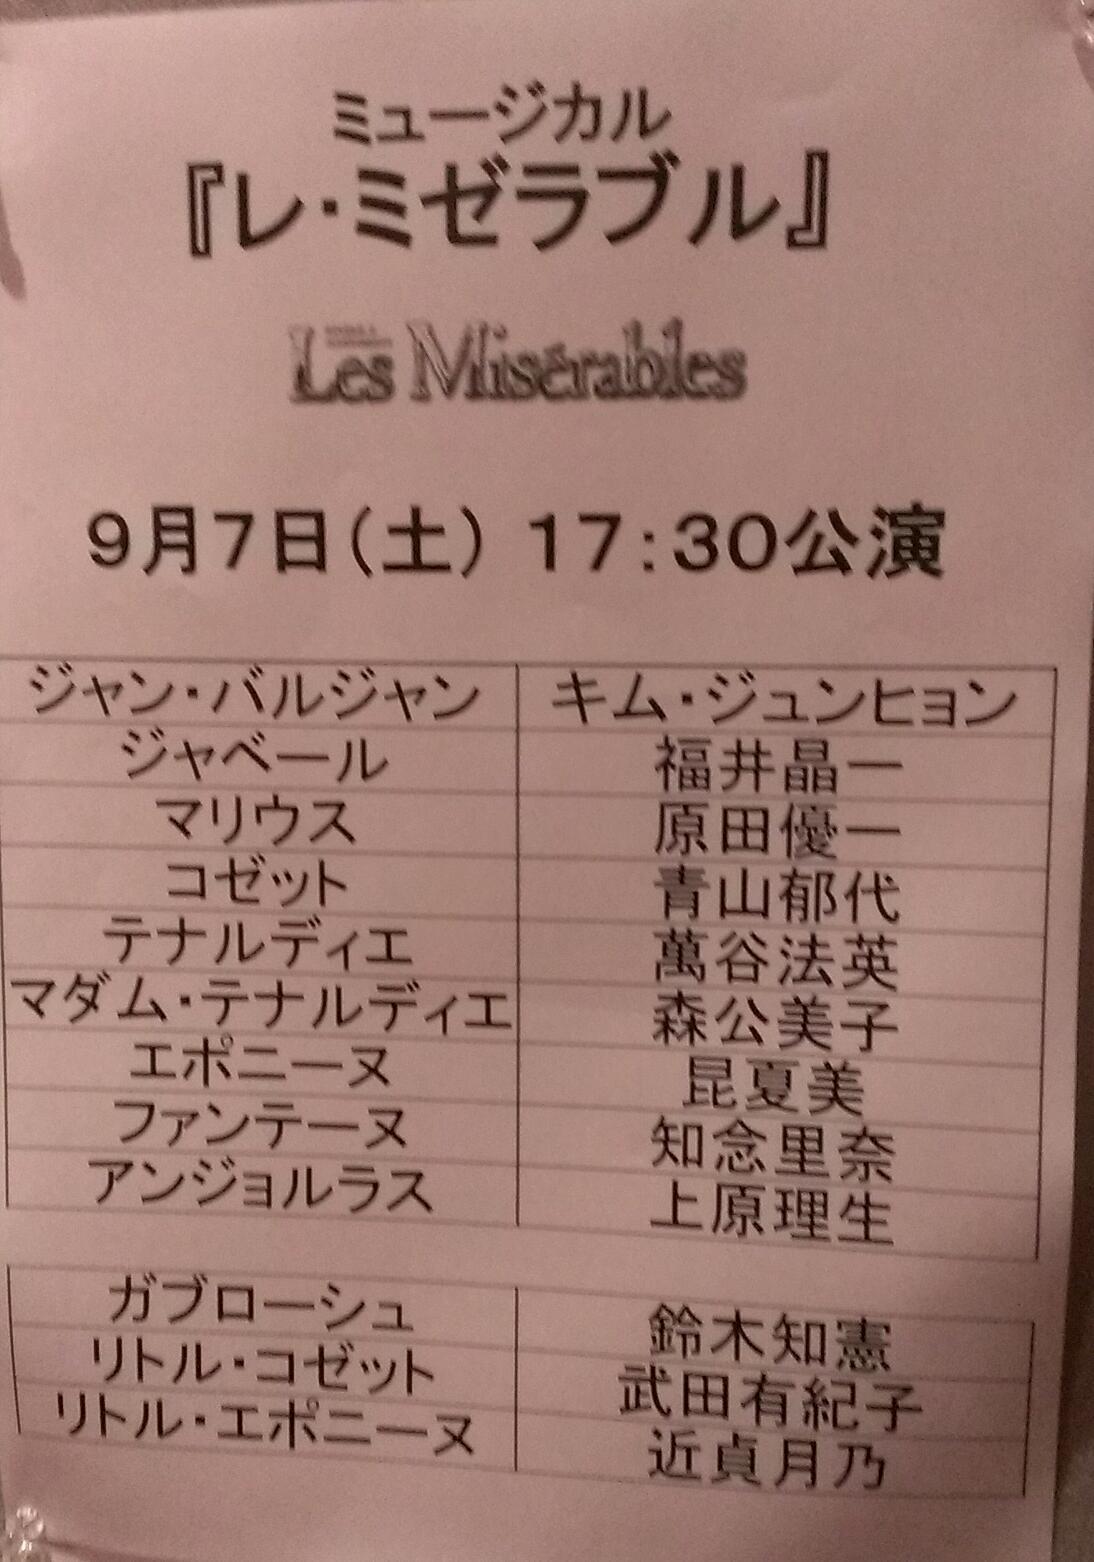 ミュージカル『レ・ミゼラブル』、7年ぶりの大阪帰還!( ̄ー ̄ゞ−☆